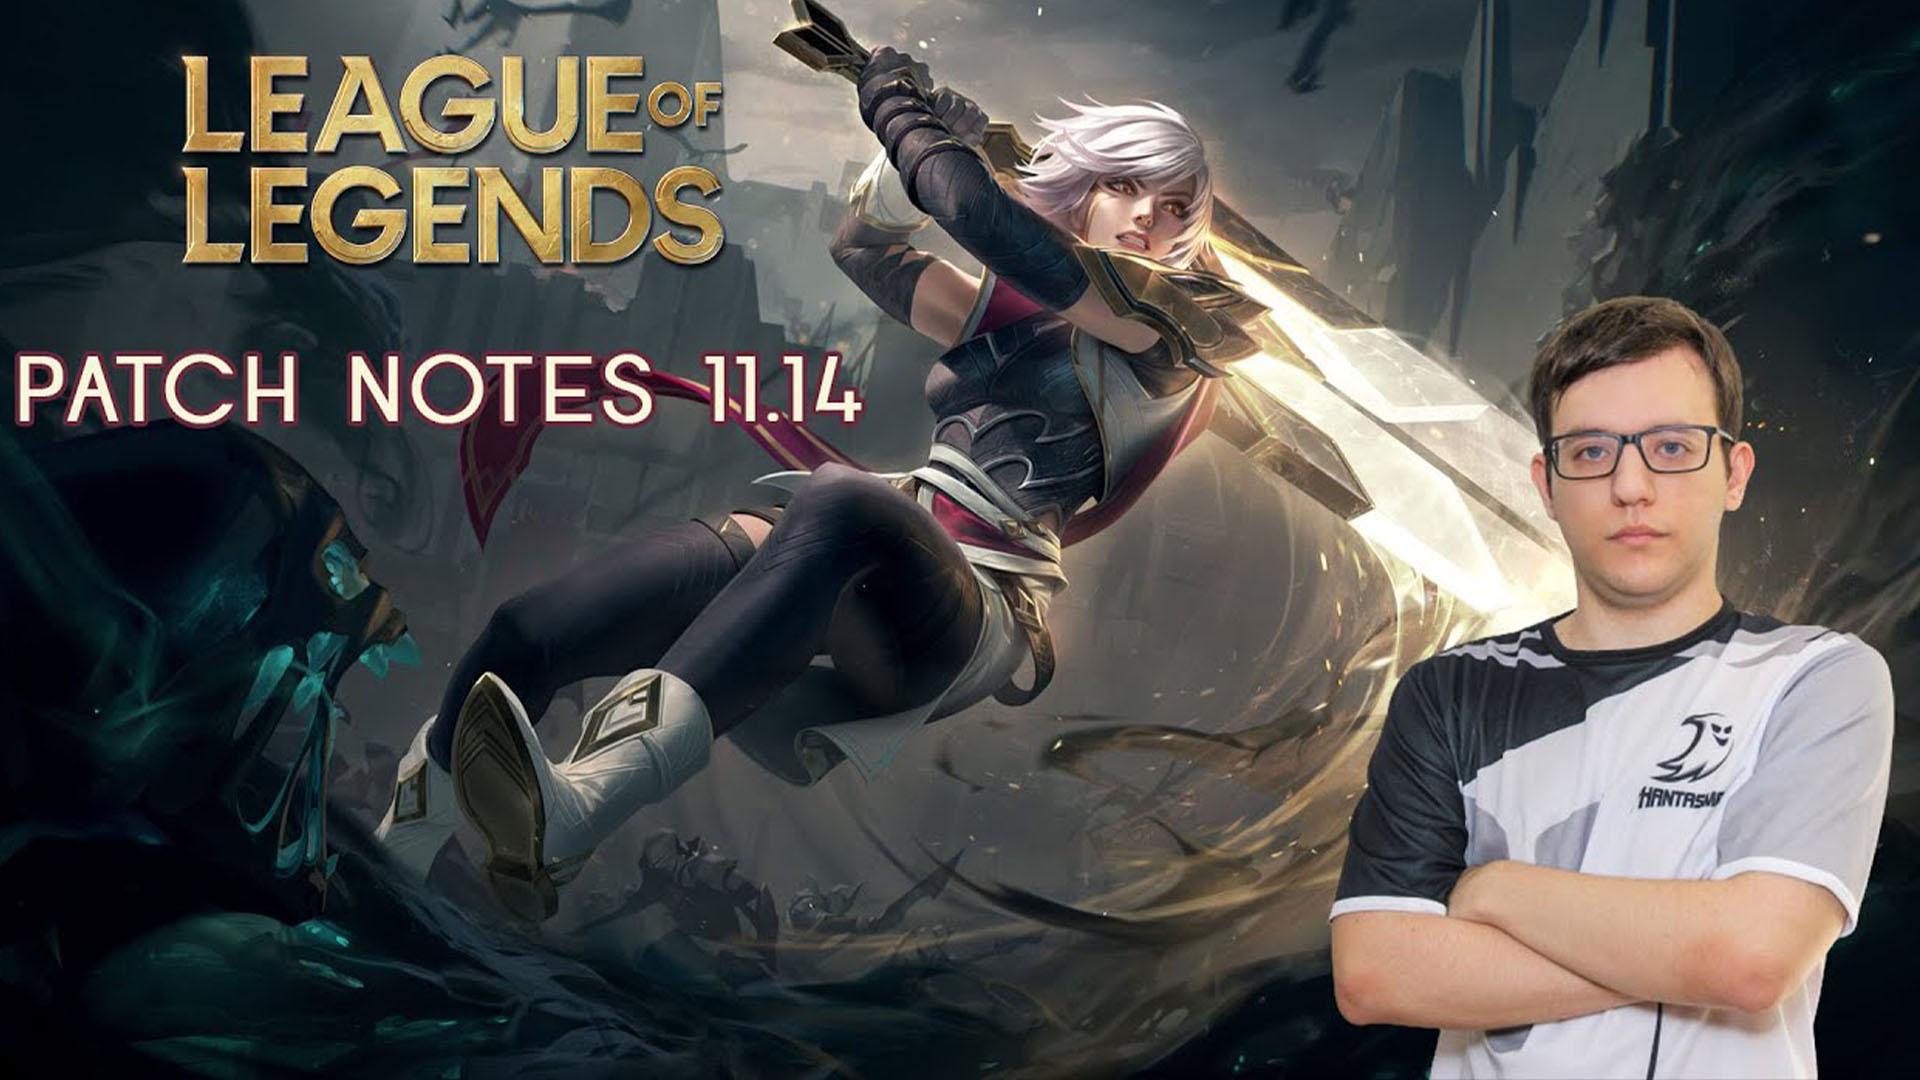 League of Legends | Patch Notes 11.14 | Nikolex